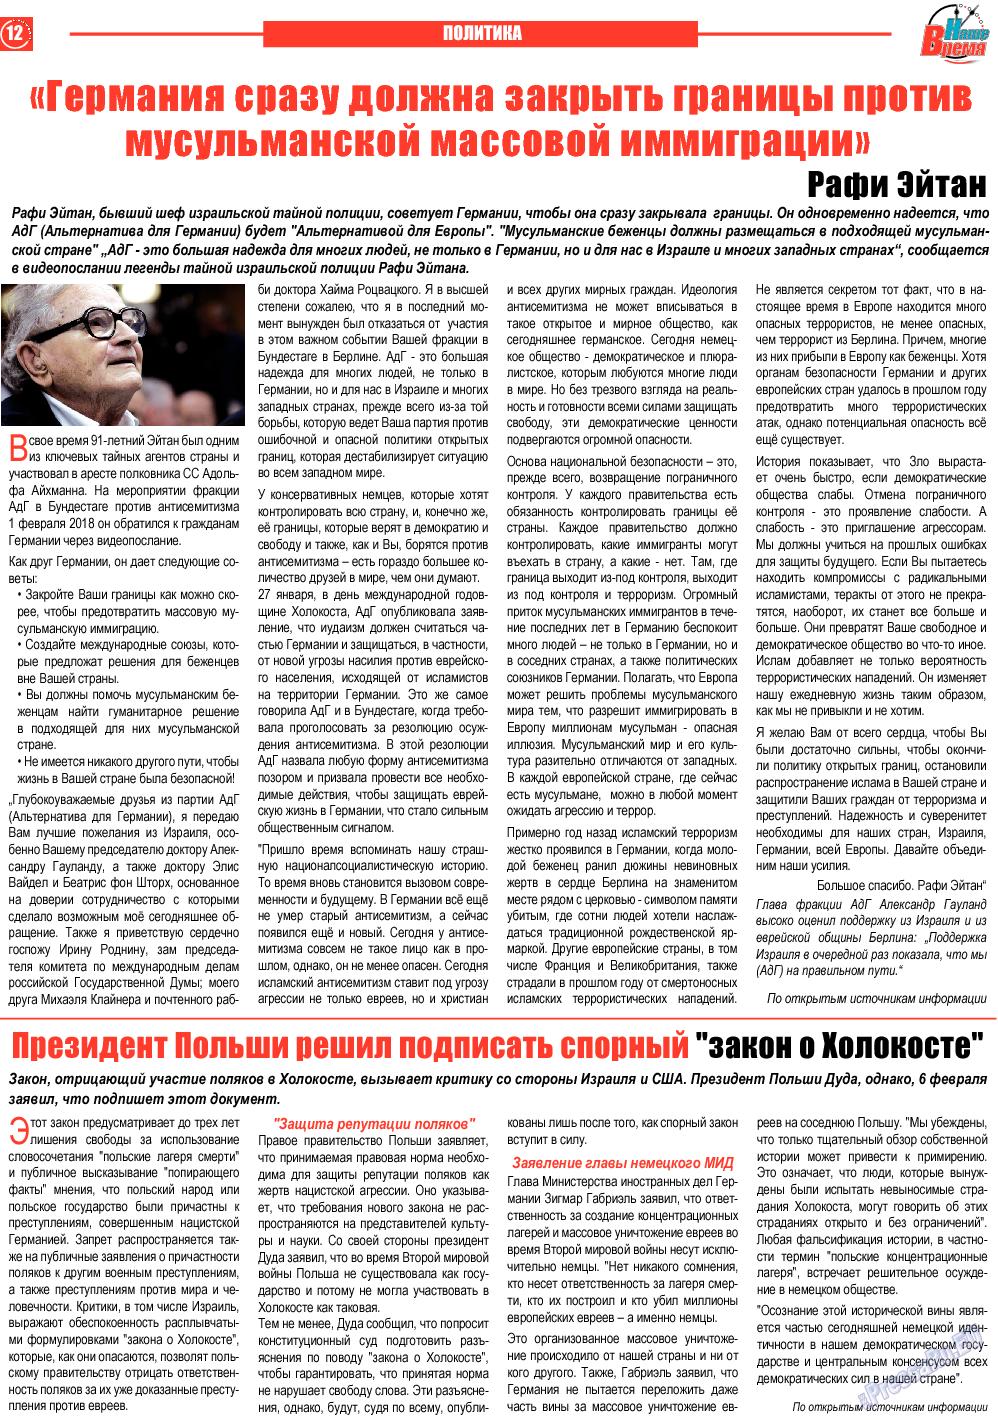 Русскоязычные газеты в германии подать объявление lдоска объявлений рошаль